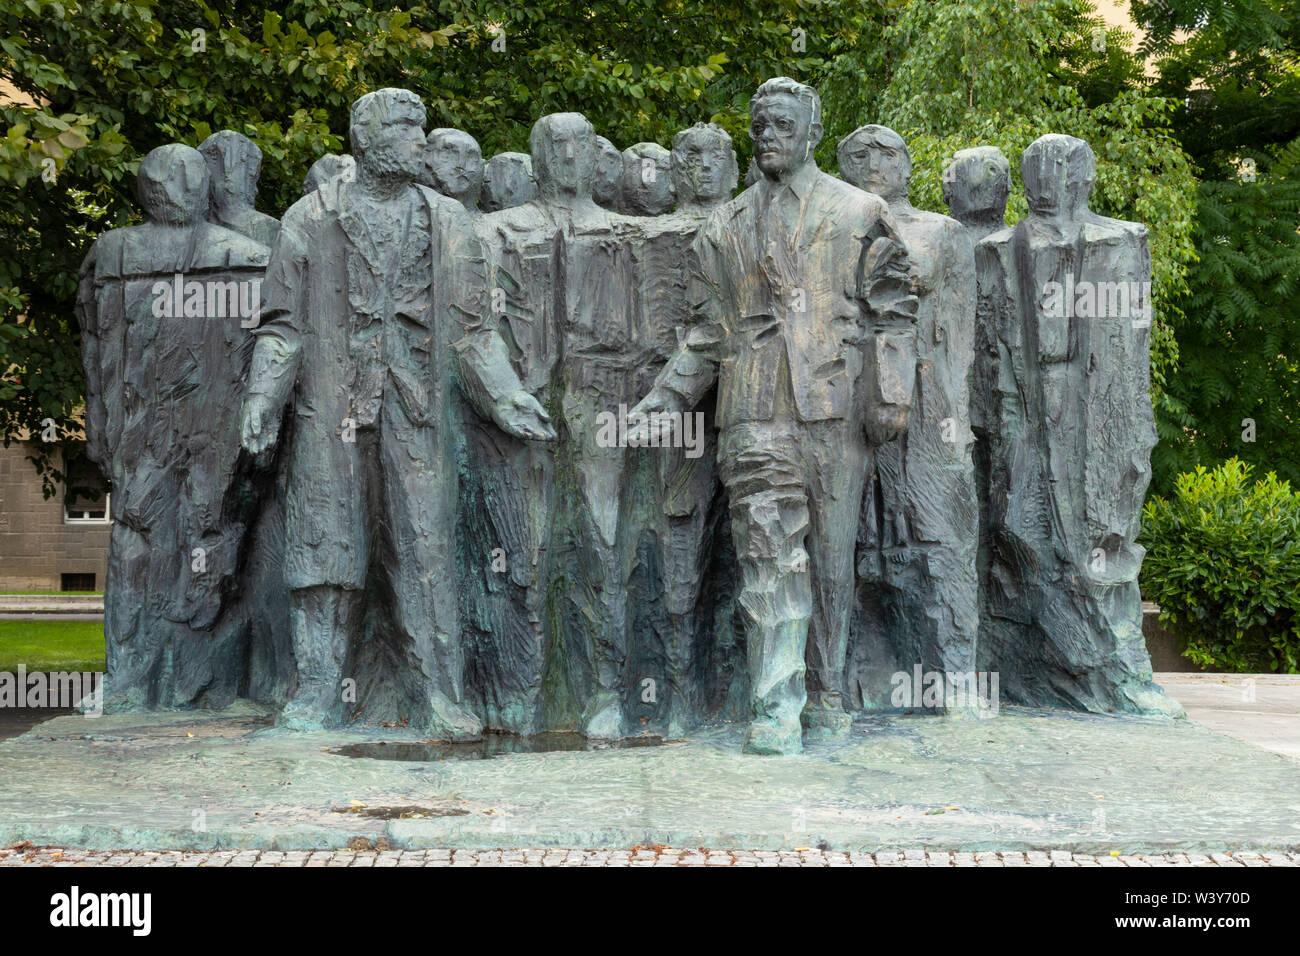 Spomenik Edvardu Kardelju Statue By Drago Trsar 1981 Trg